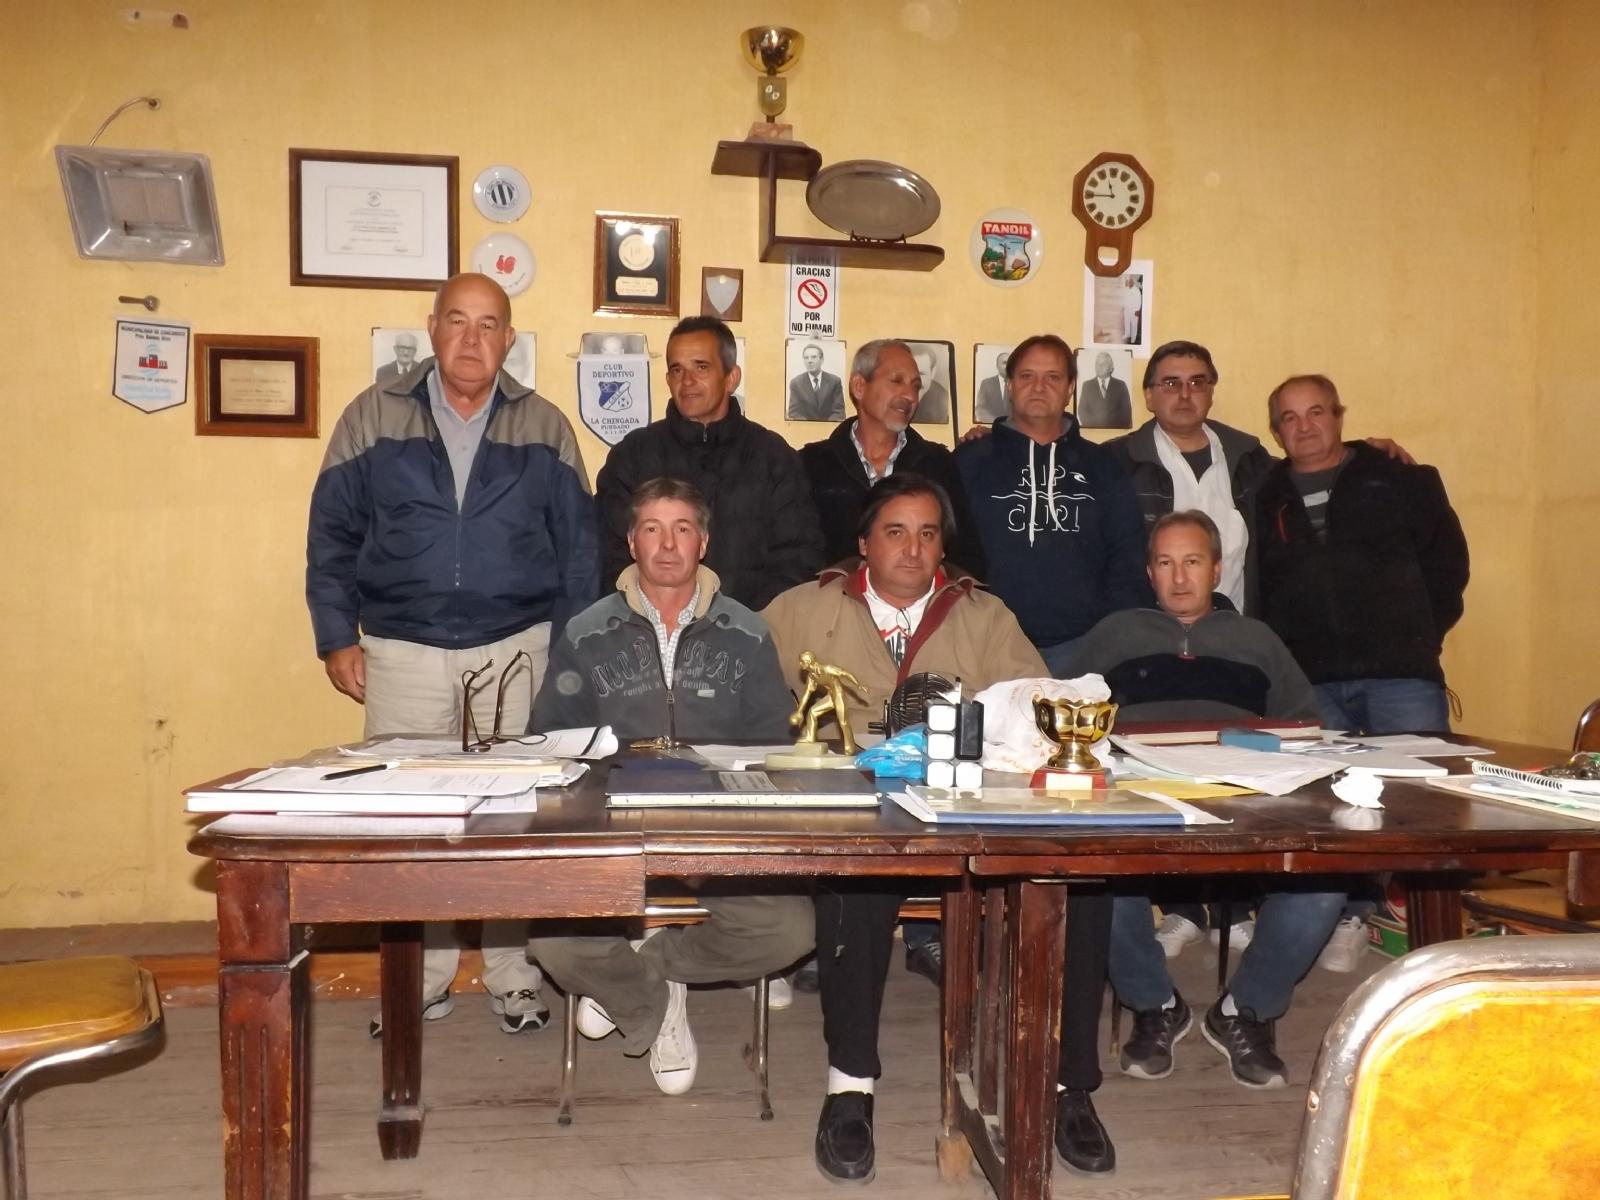 Se reanuda la actividad oficial luego del receso - La Razon de Chivilcoy